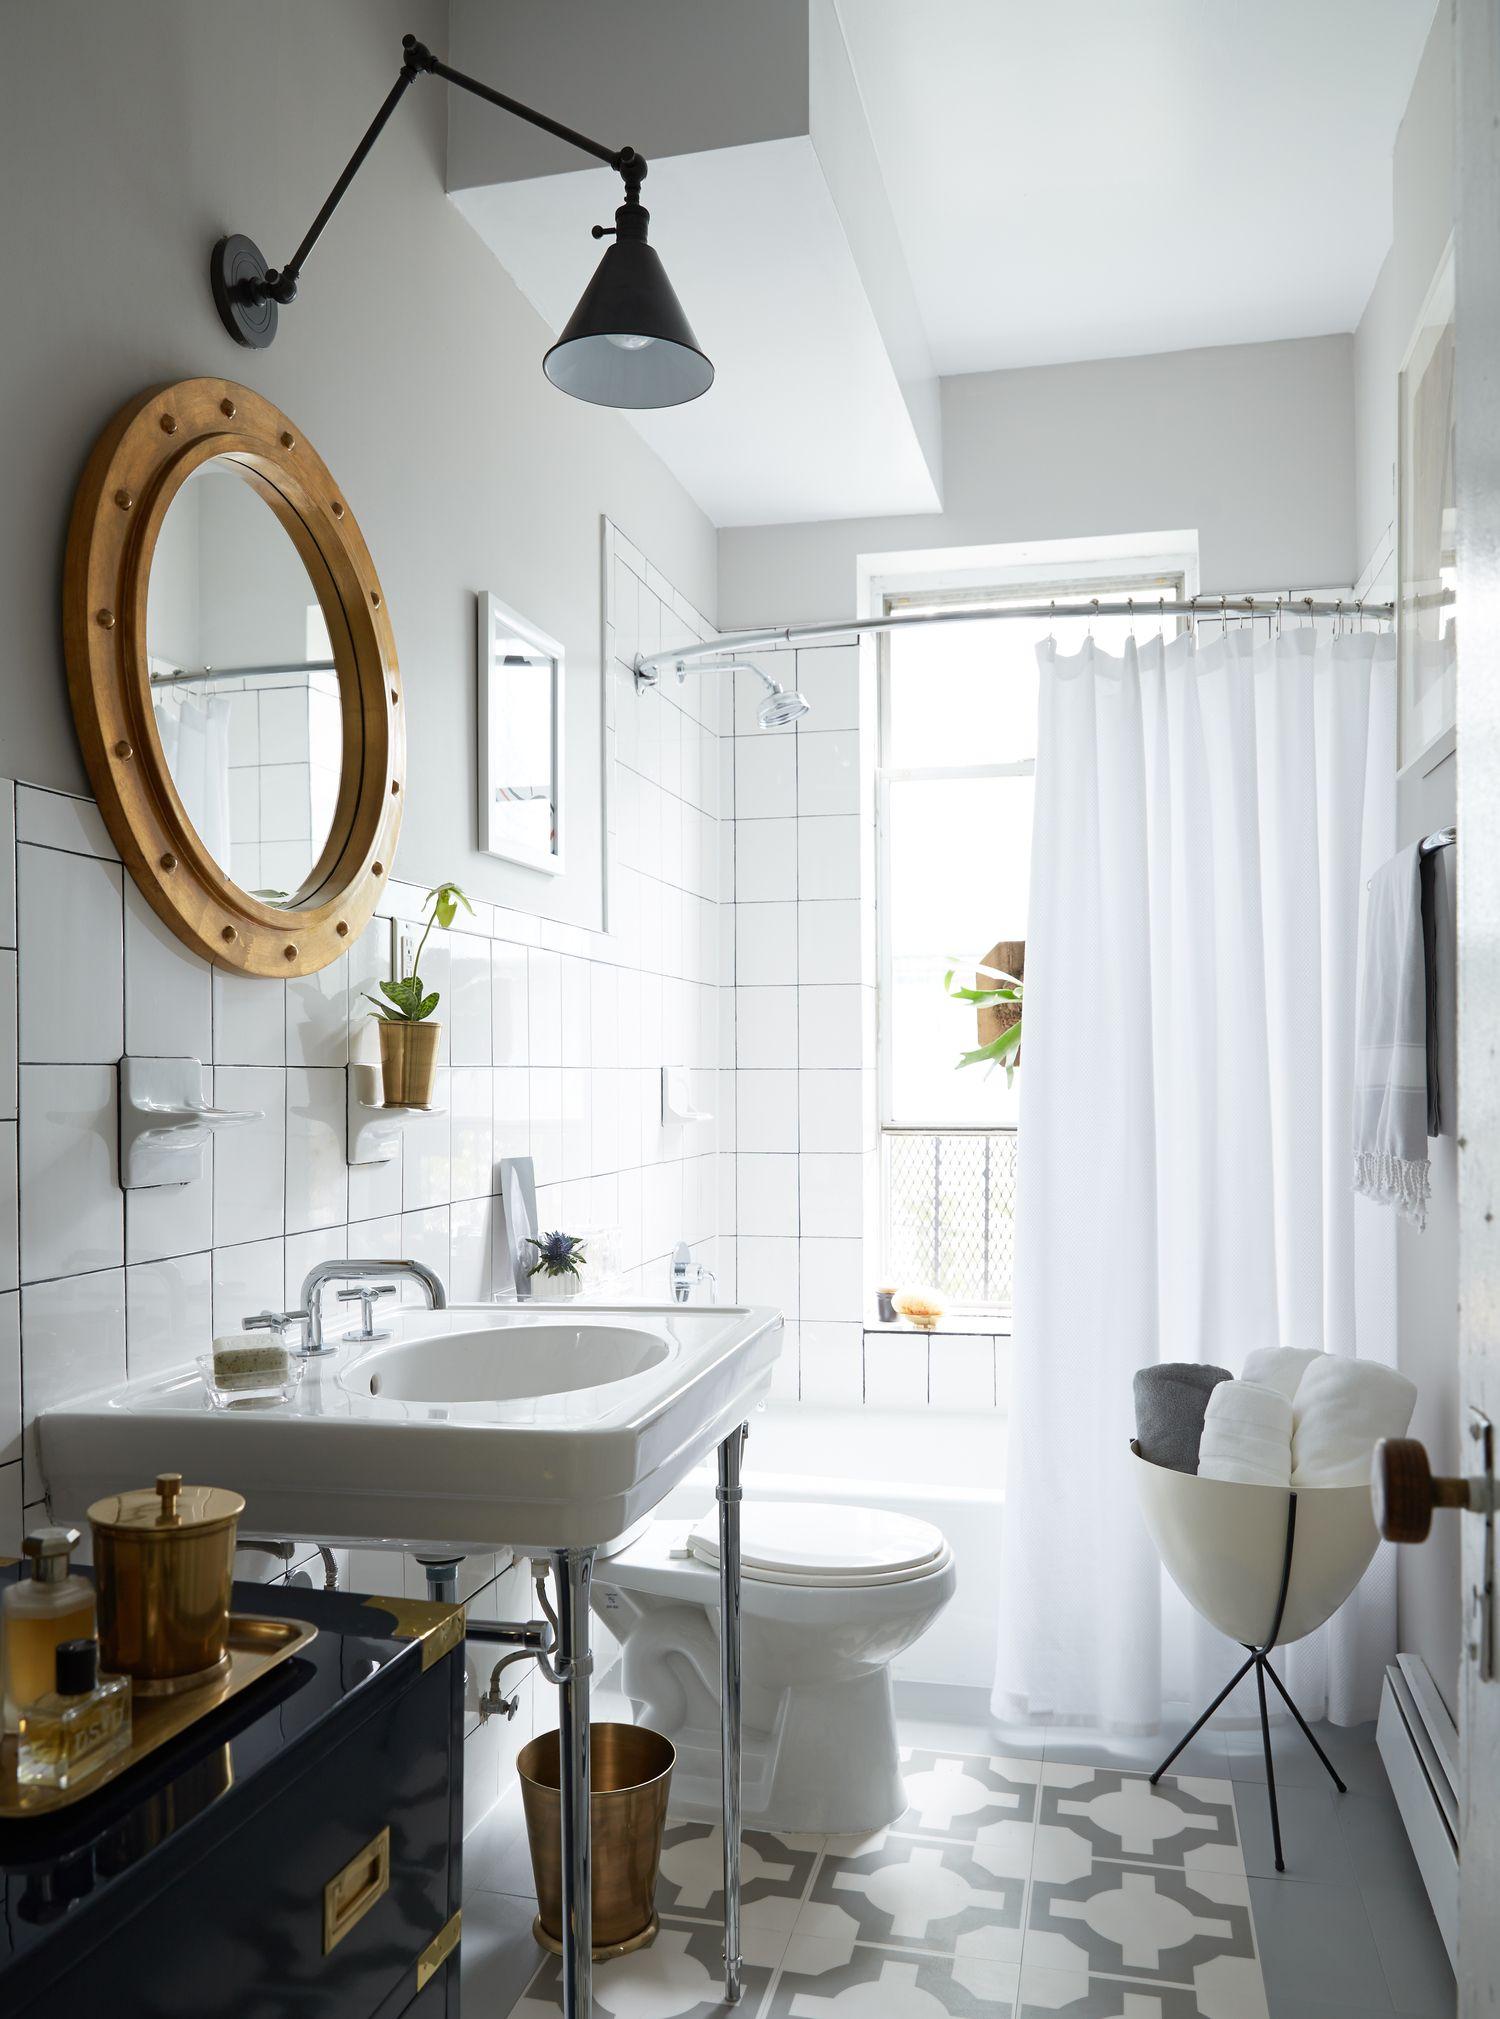 15 Easy Bathroom Storage Ideas That Don\'t Scream \'DIY\'   Towel ...